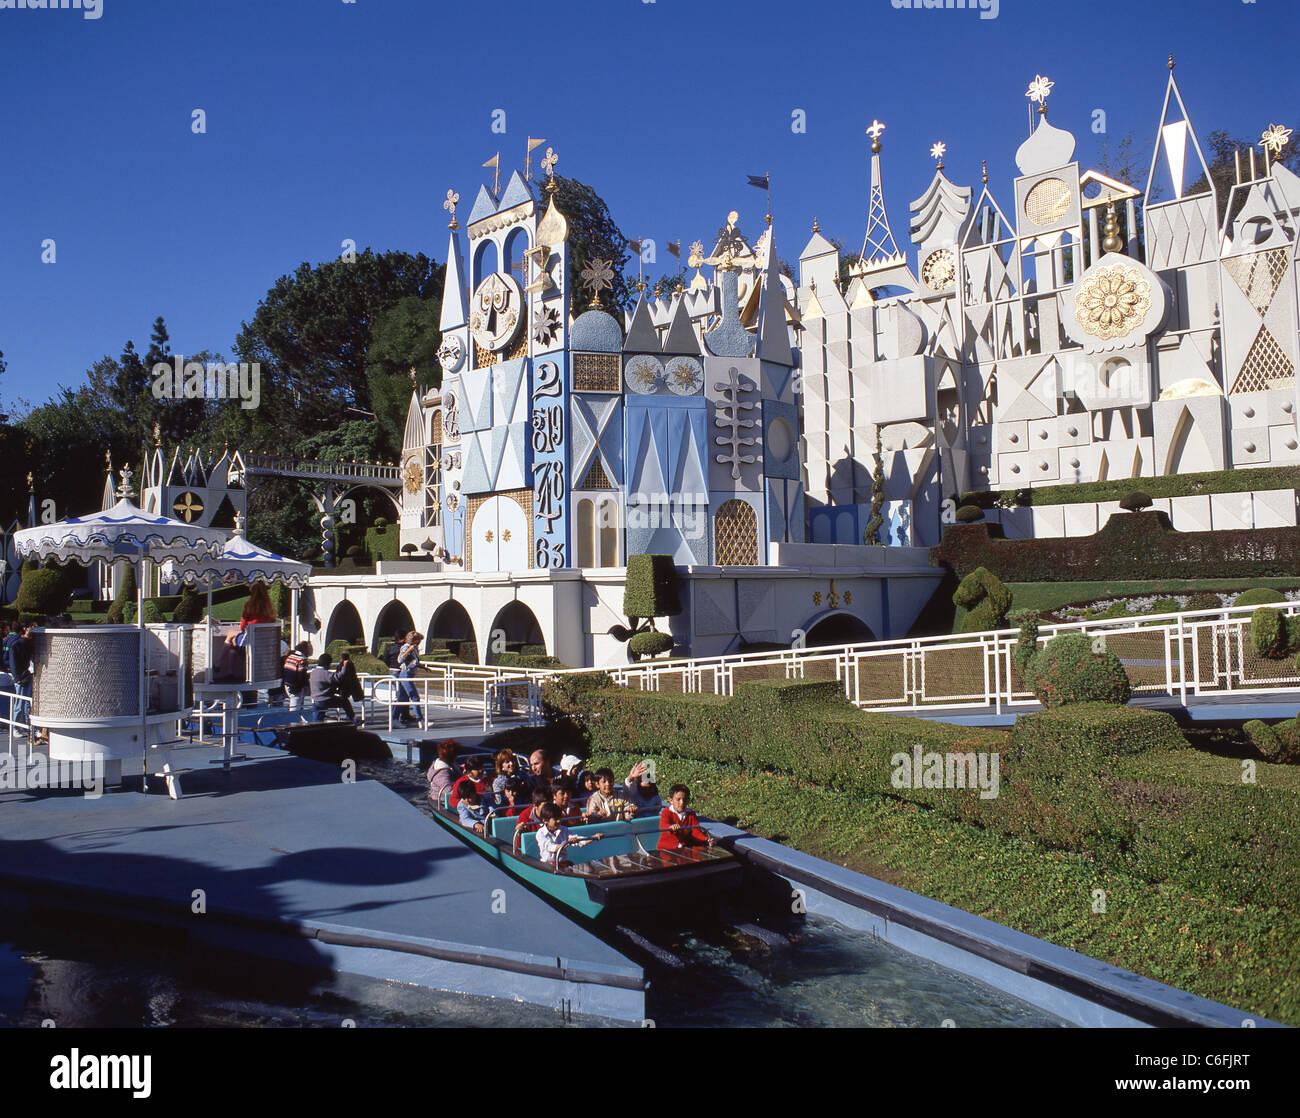 """""""C'est un petit monde' l'attraction, Disneyland, Anaheim, Californie, États-Unis d'Amérique Photo Stock"""